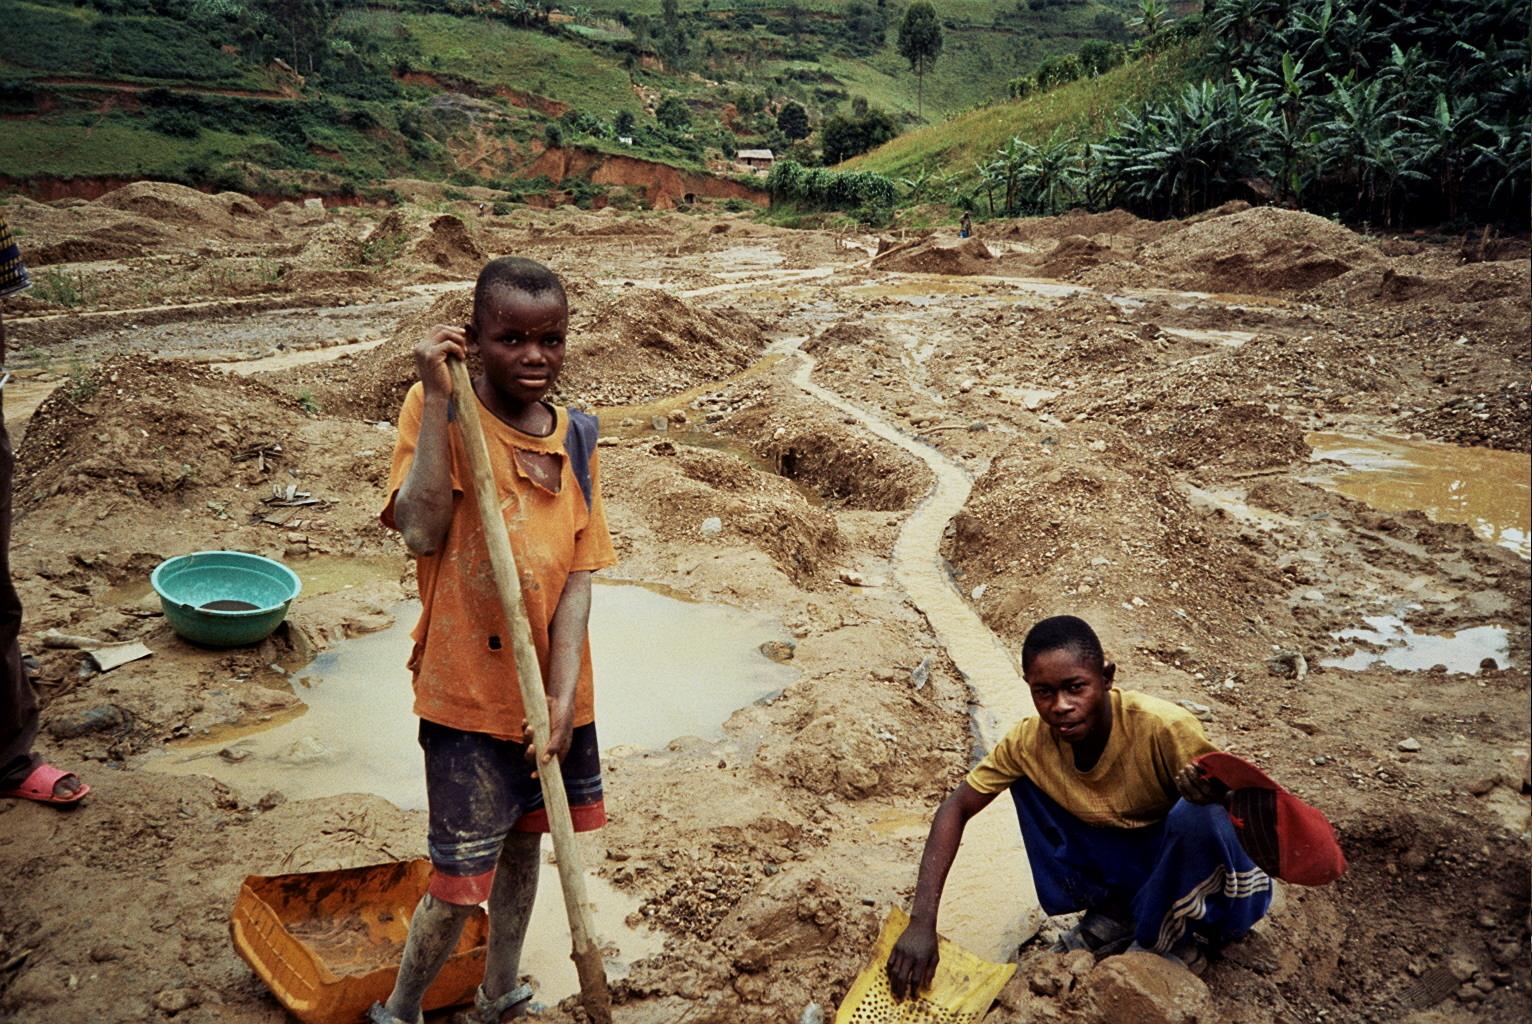 コンゴ民主共和国 ? ツワンガの金鉱山  フォトライブラリー|児童労働ネットワーク(CL